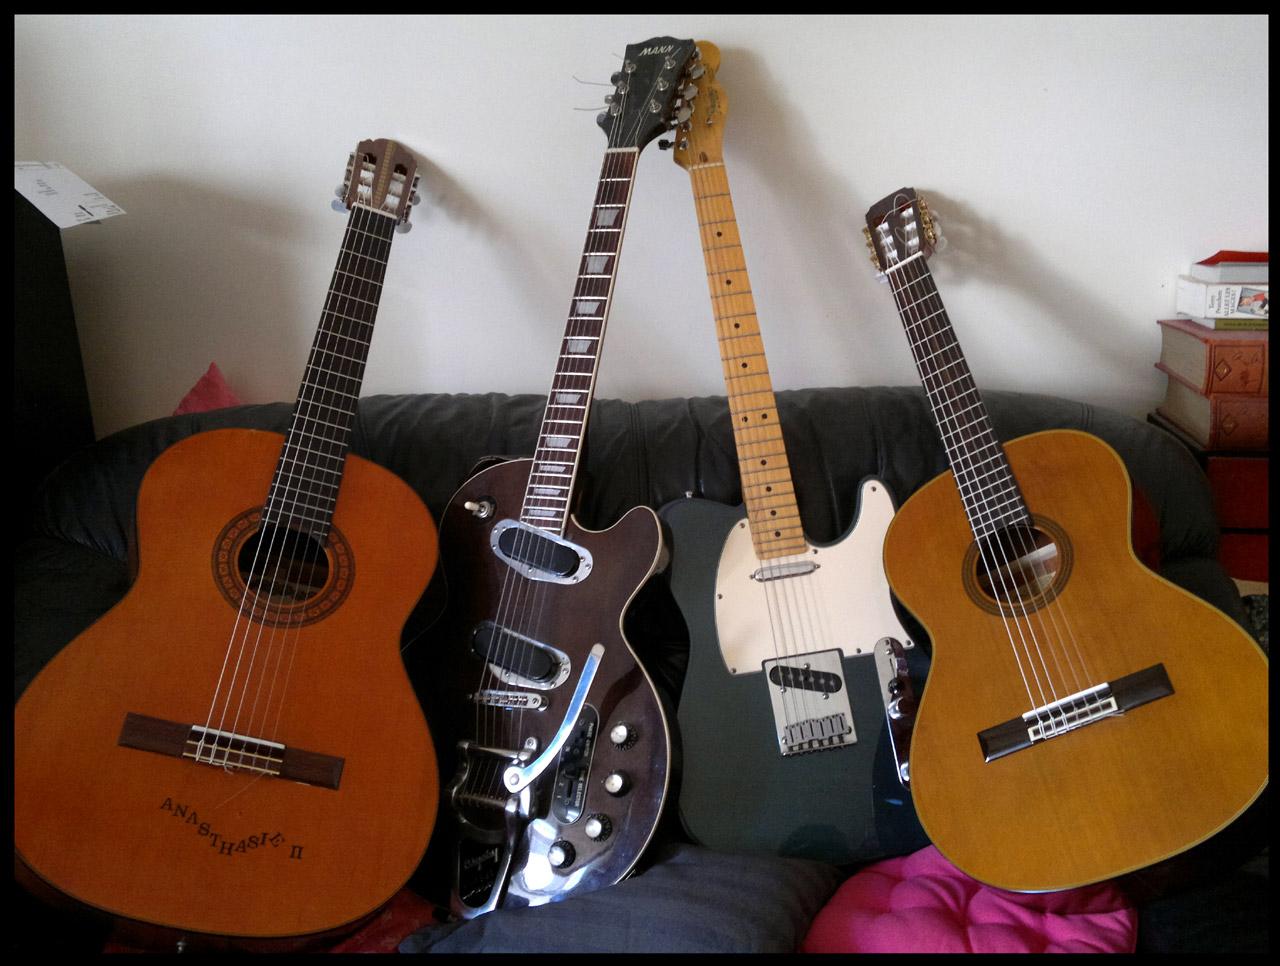 Accrocher Sa Guitare Au Mur Beau Collection Loisirs topic De La Gratte Les Infos Pour Les Noobs Dans Le Premier